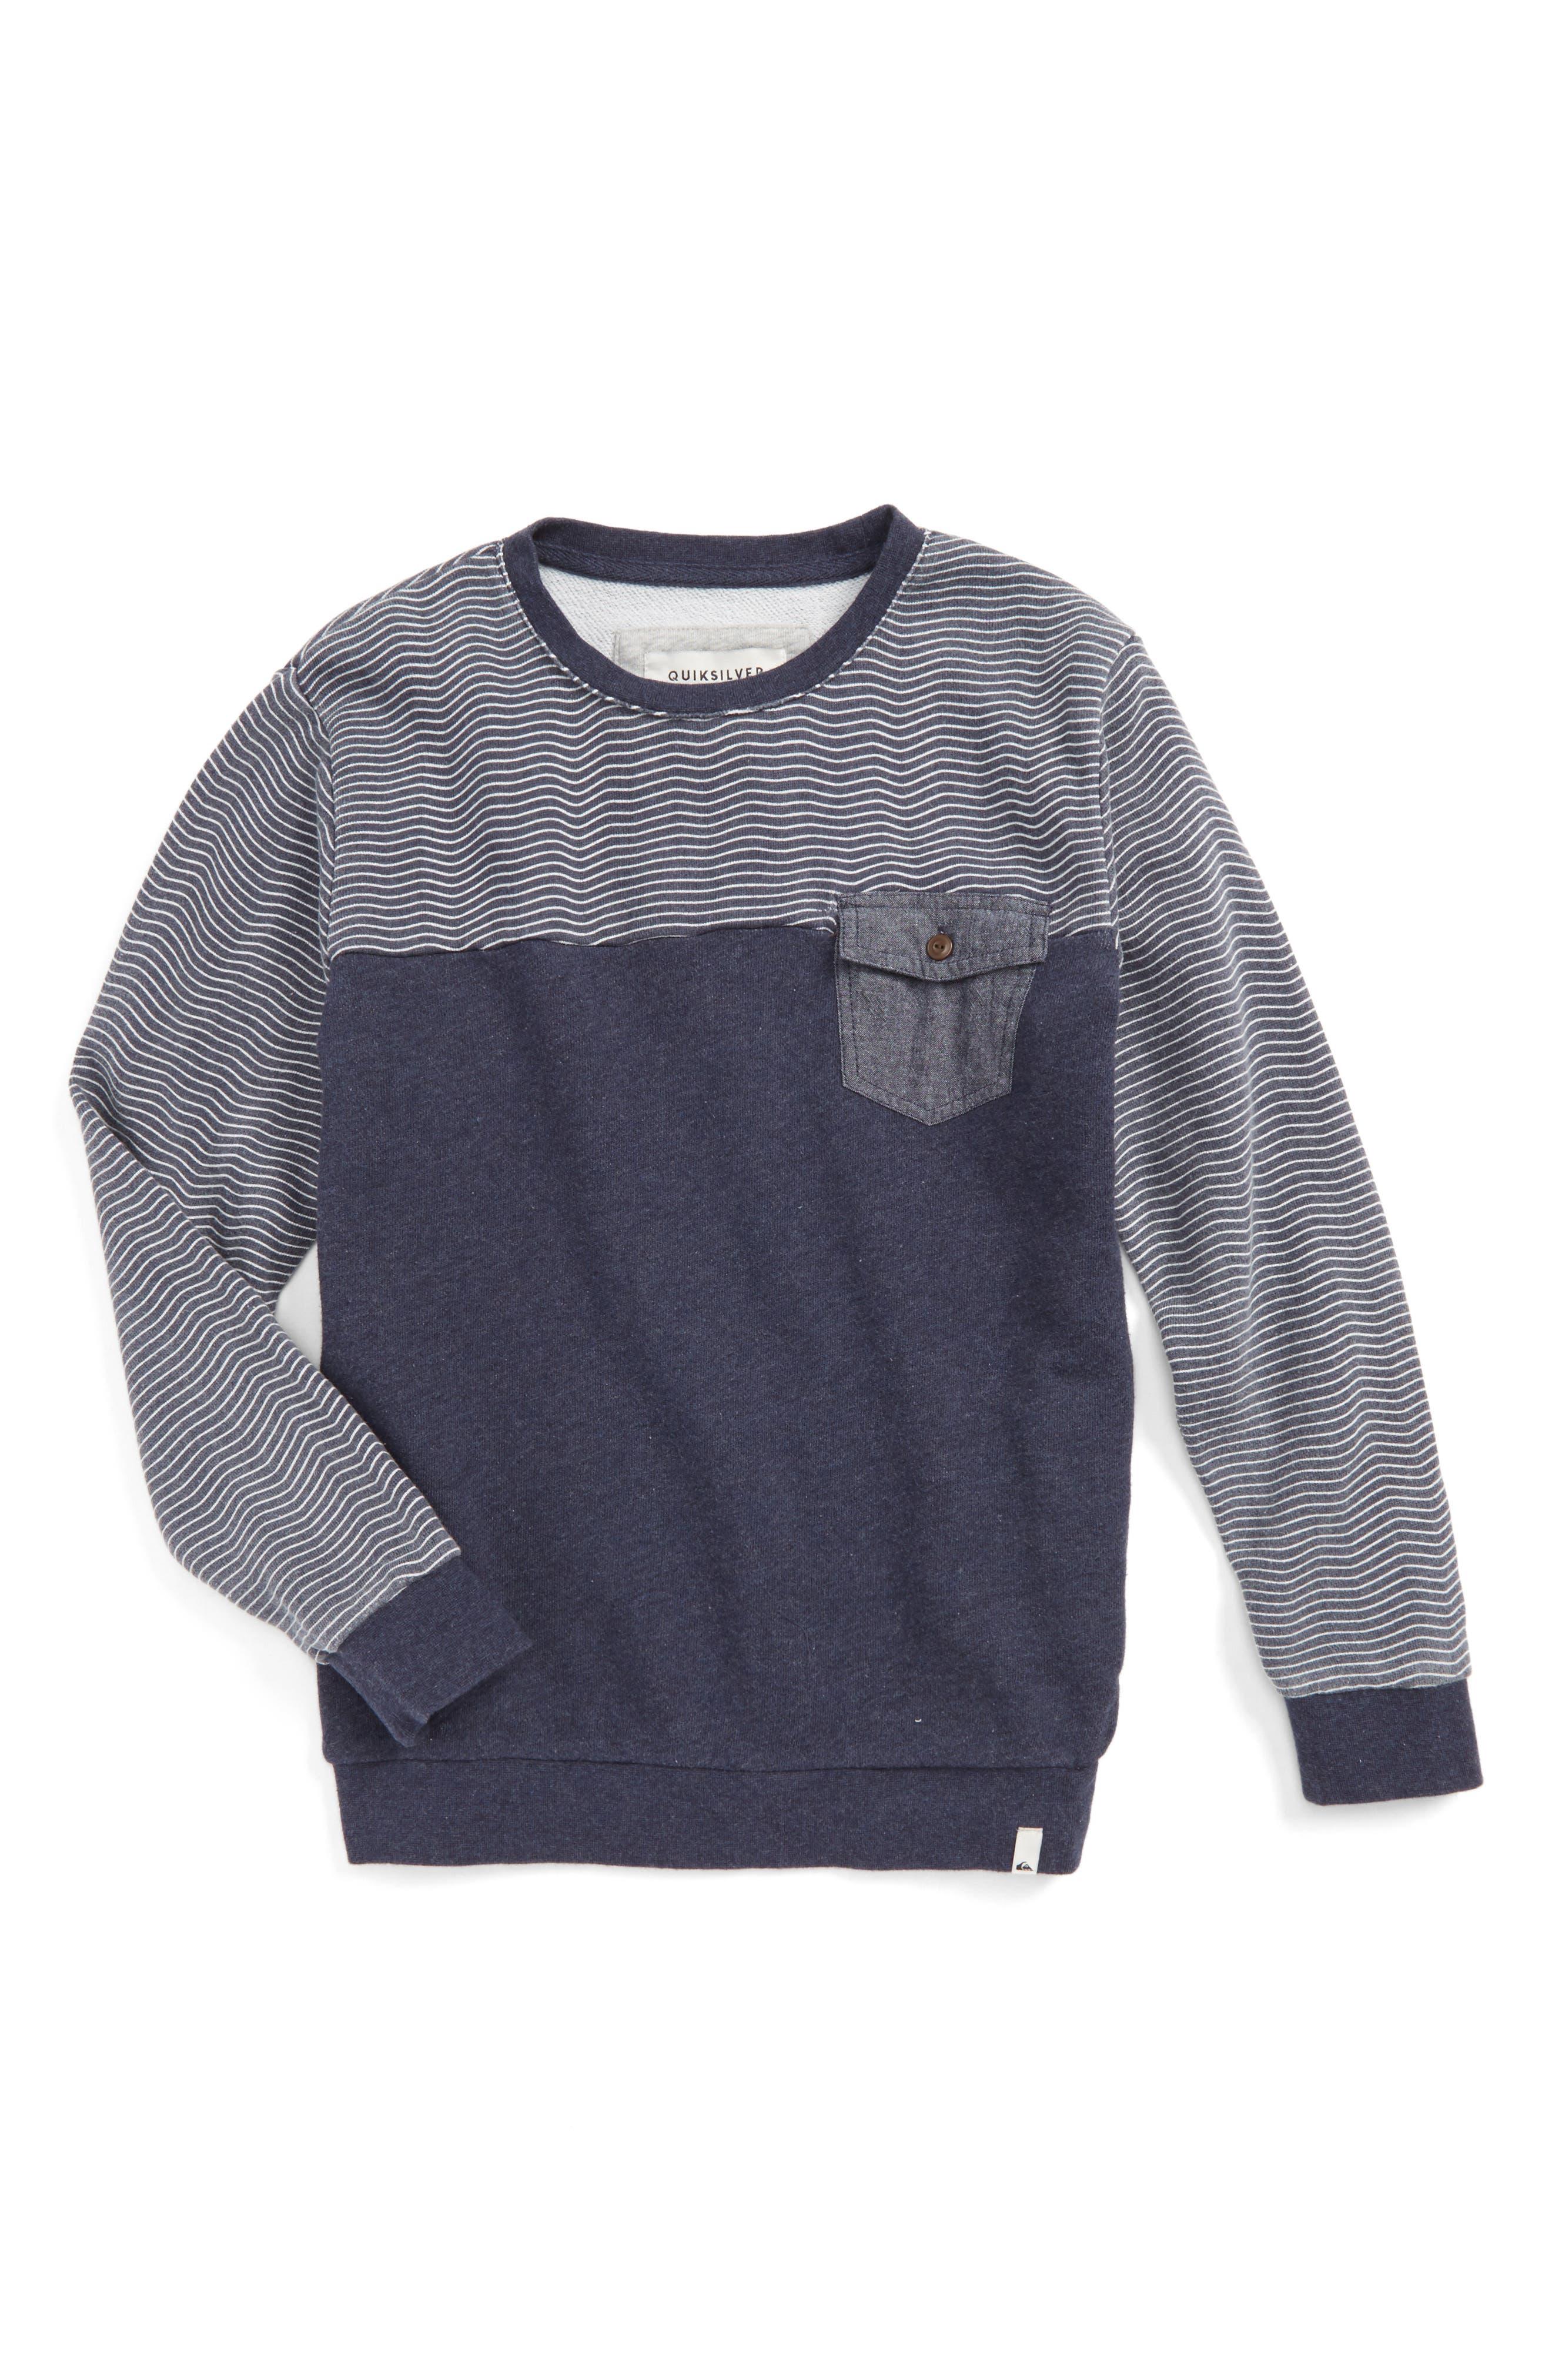 Quiksilver Mahatao French Terry Sweatshirt (Big Boys)